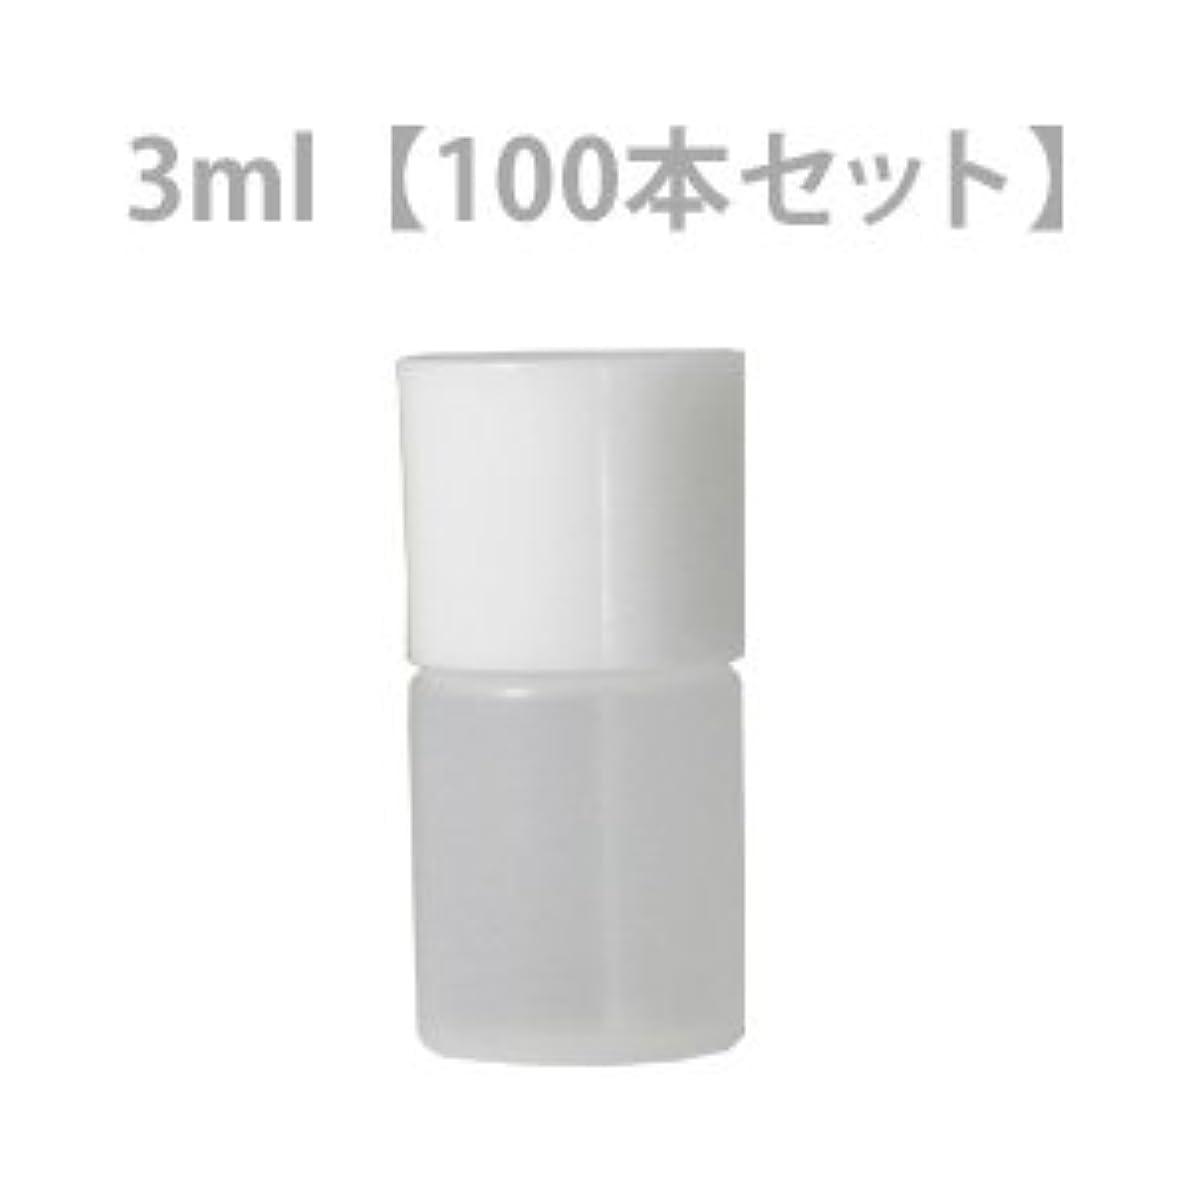 我慢する長方形卒業穴あき中栓付きミニボトル 化粧品容器 3ml 100本セット